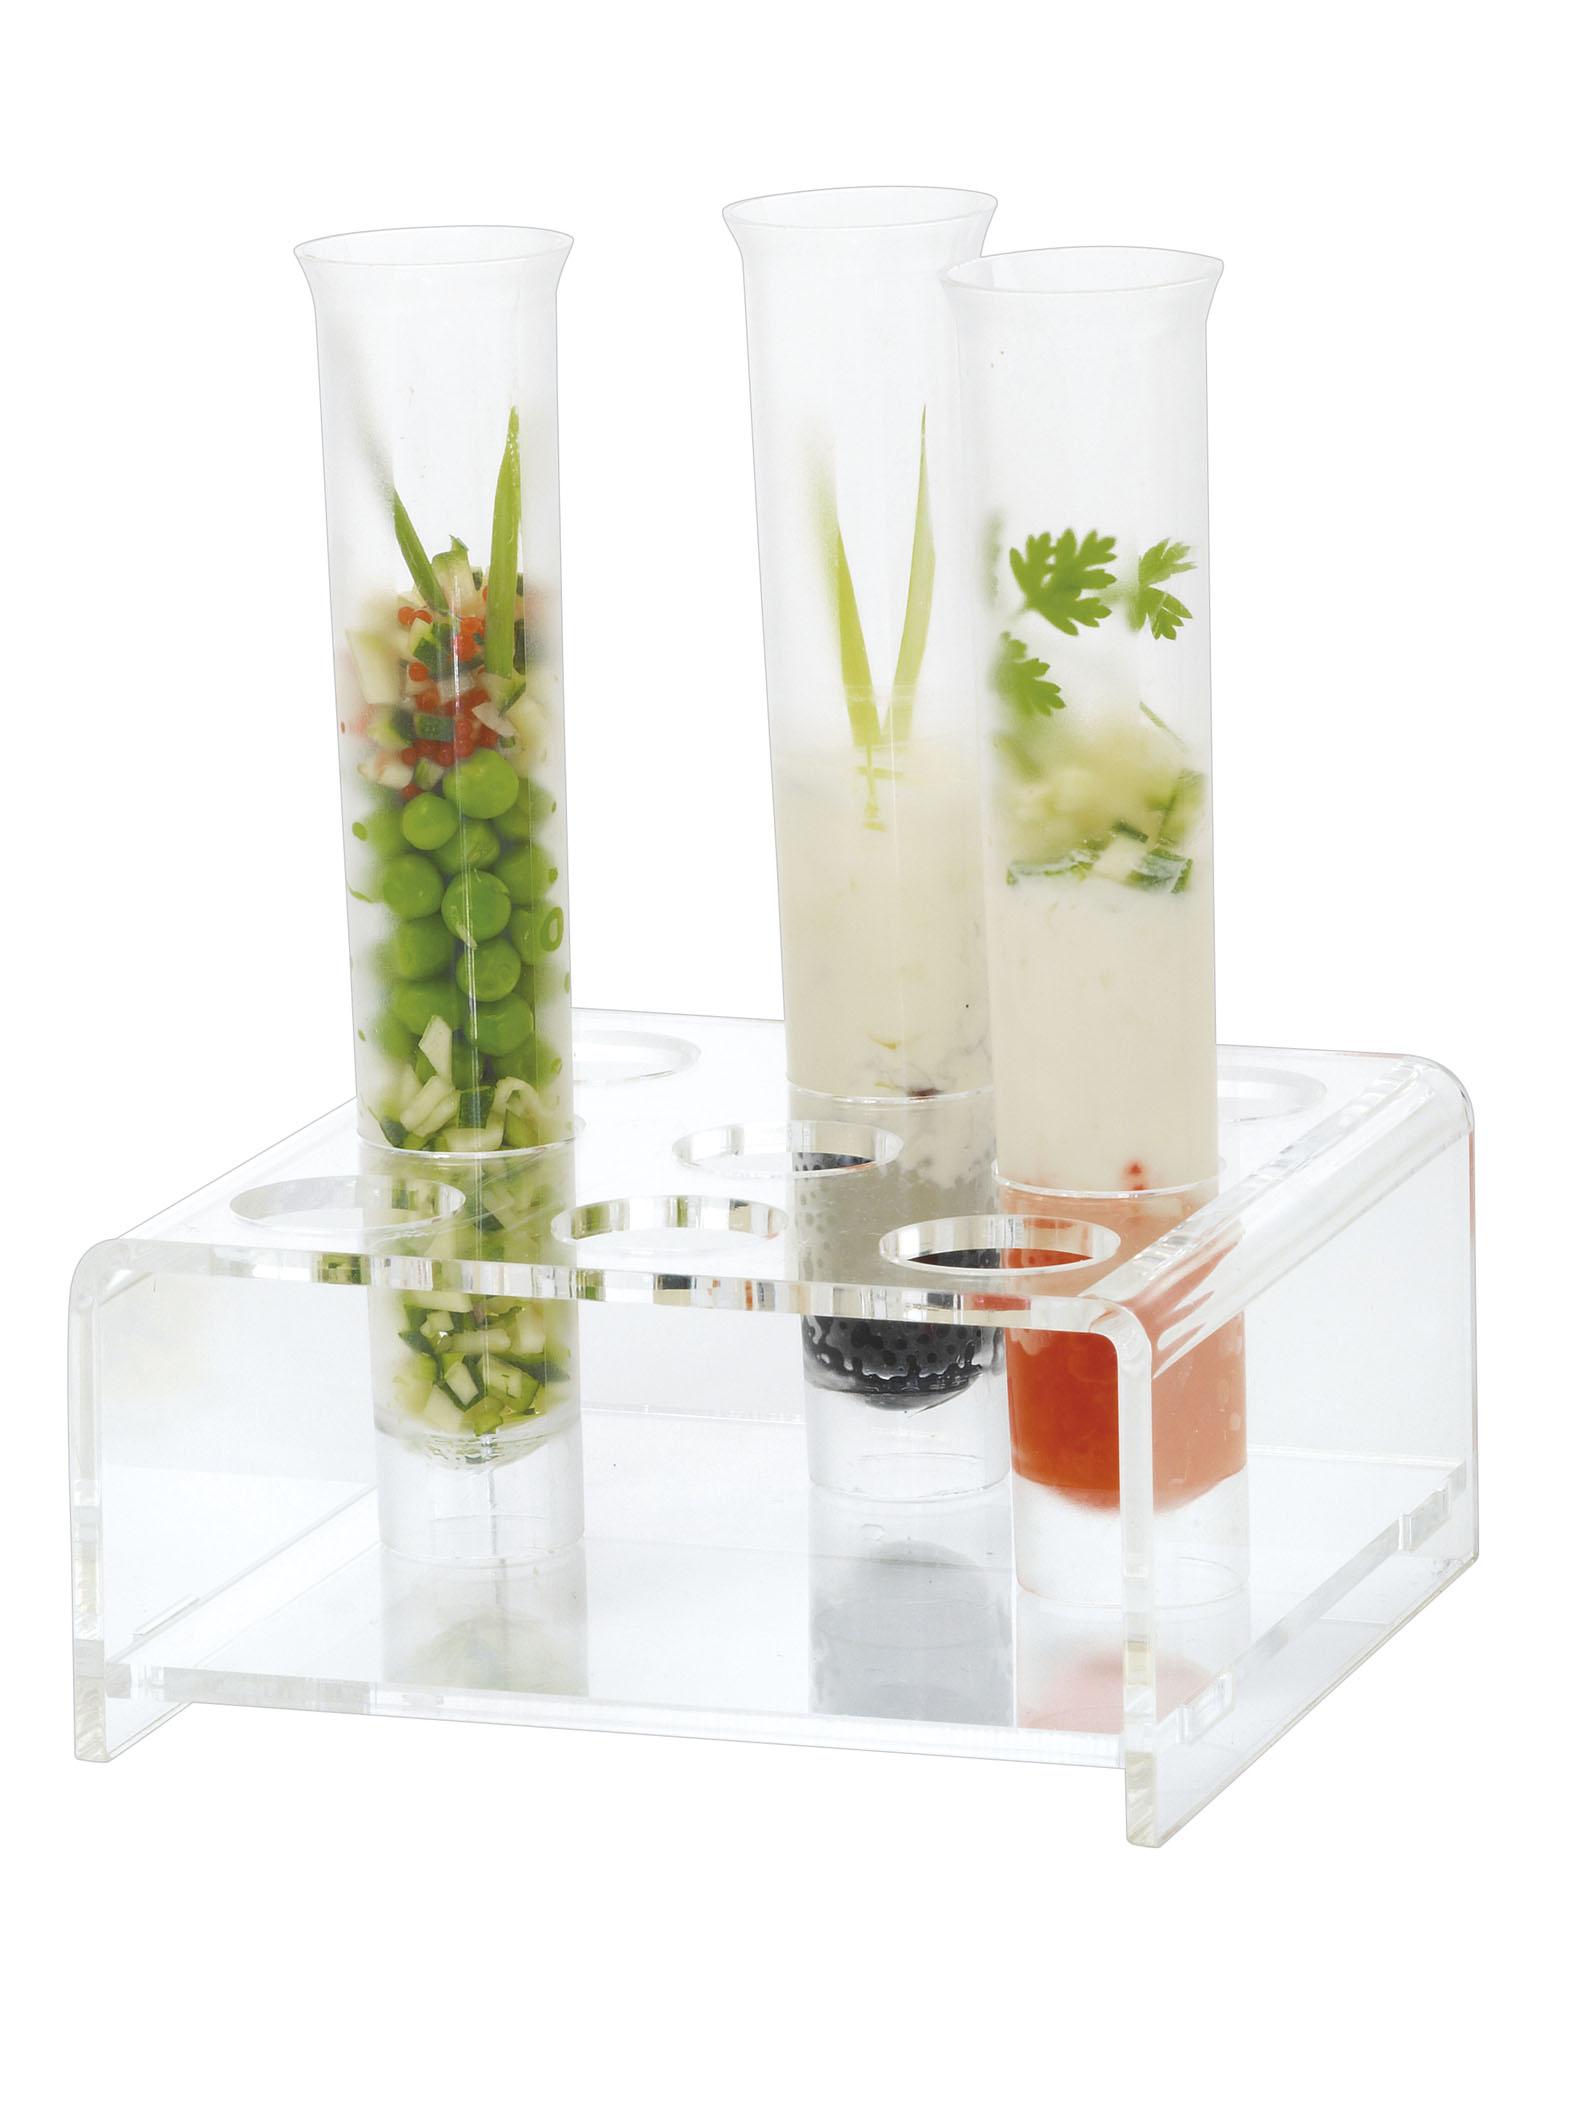 un tube transparent pour servir le cocktail et les mises en bouche